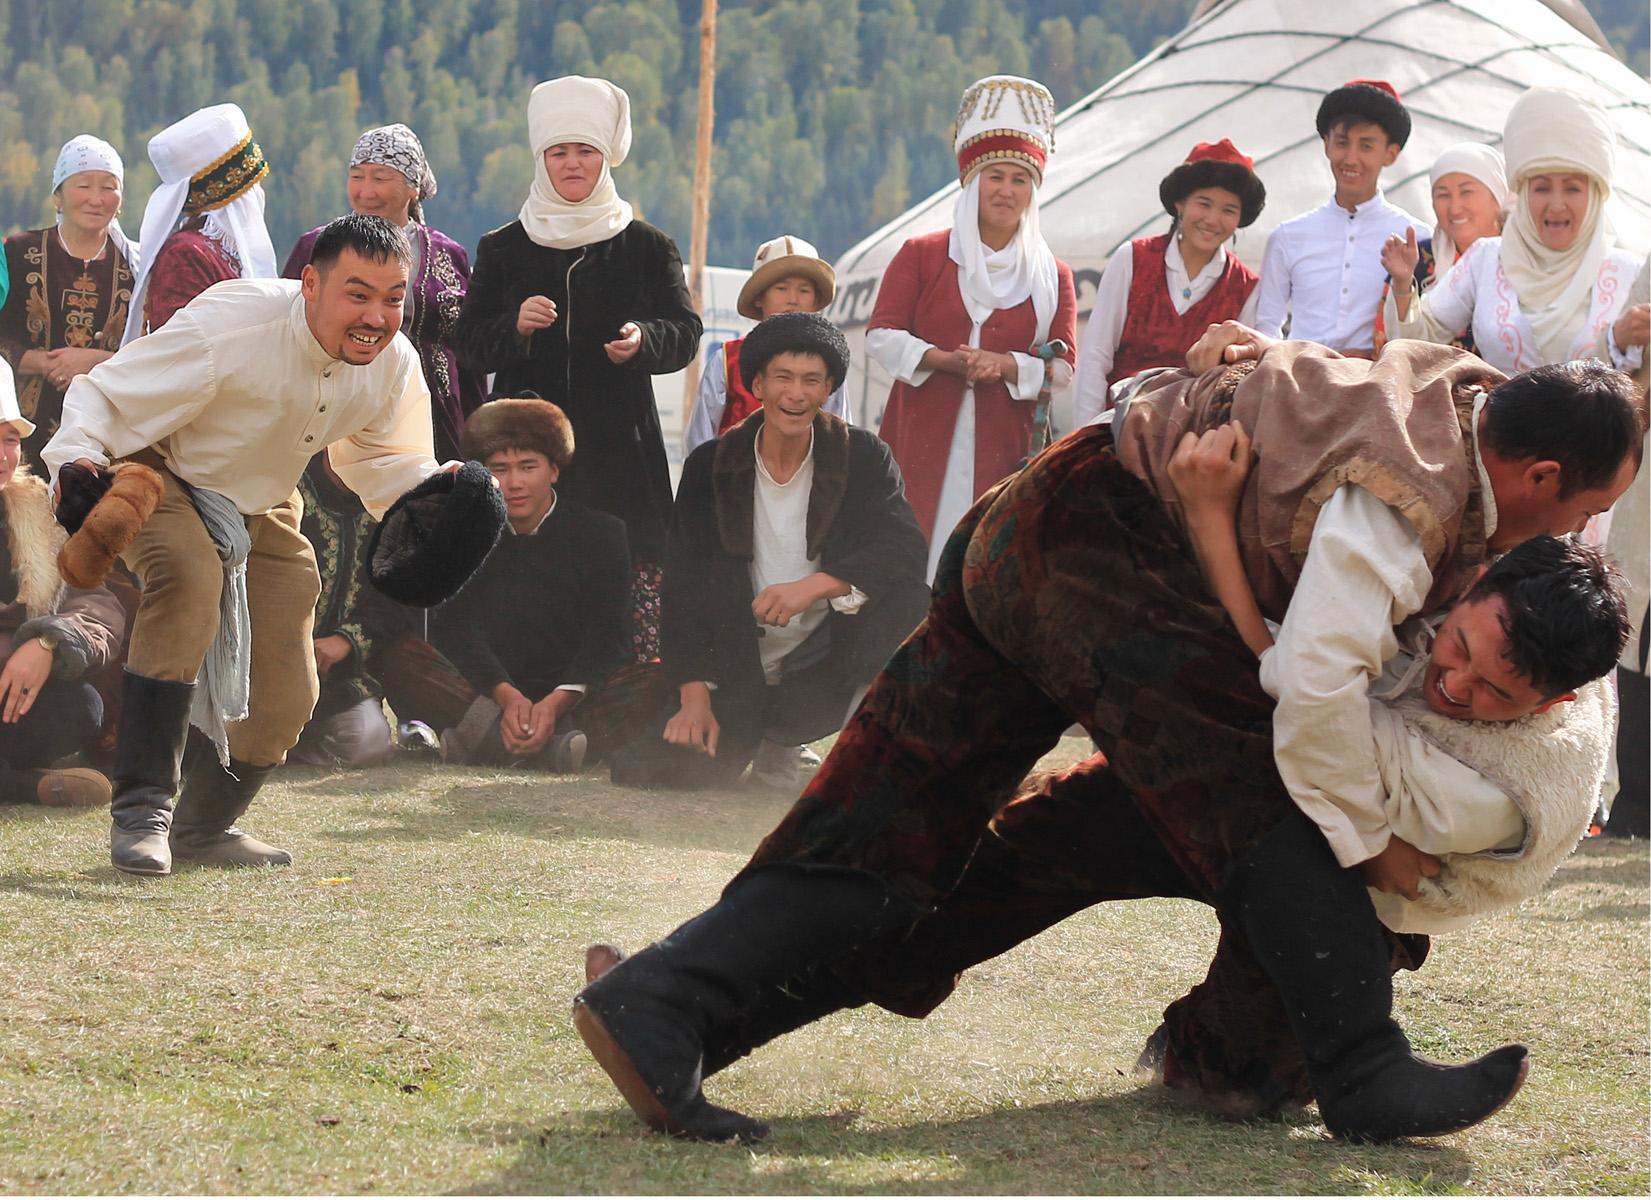 Kirgiskie zapasy. Coś jest w dynamice tego zdjęcia,  że jakoś szczególnie mi się podoba.